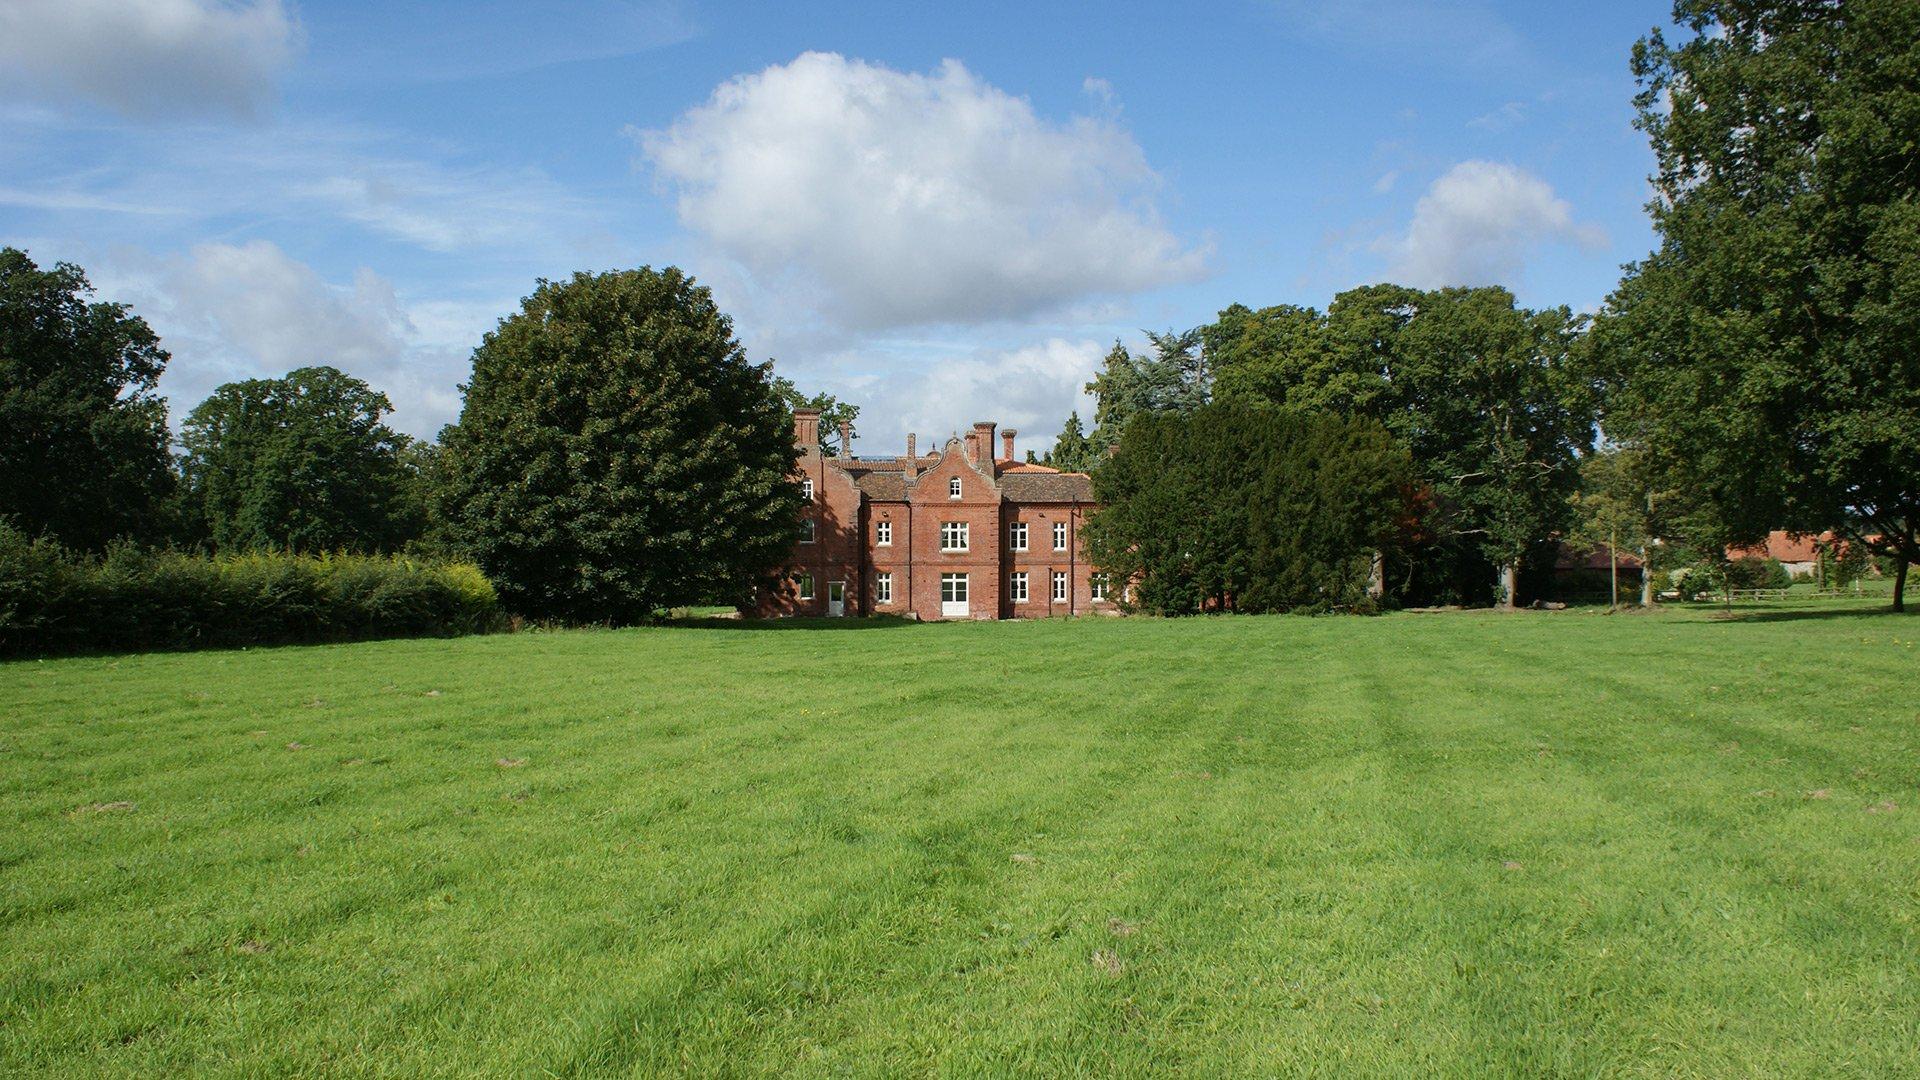 Bessingham Manor